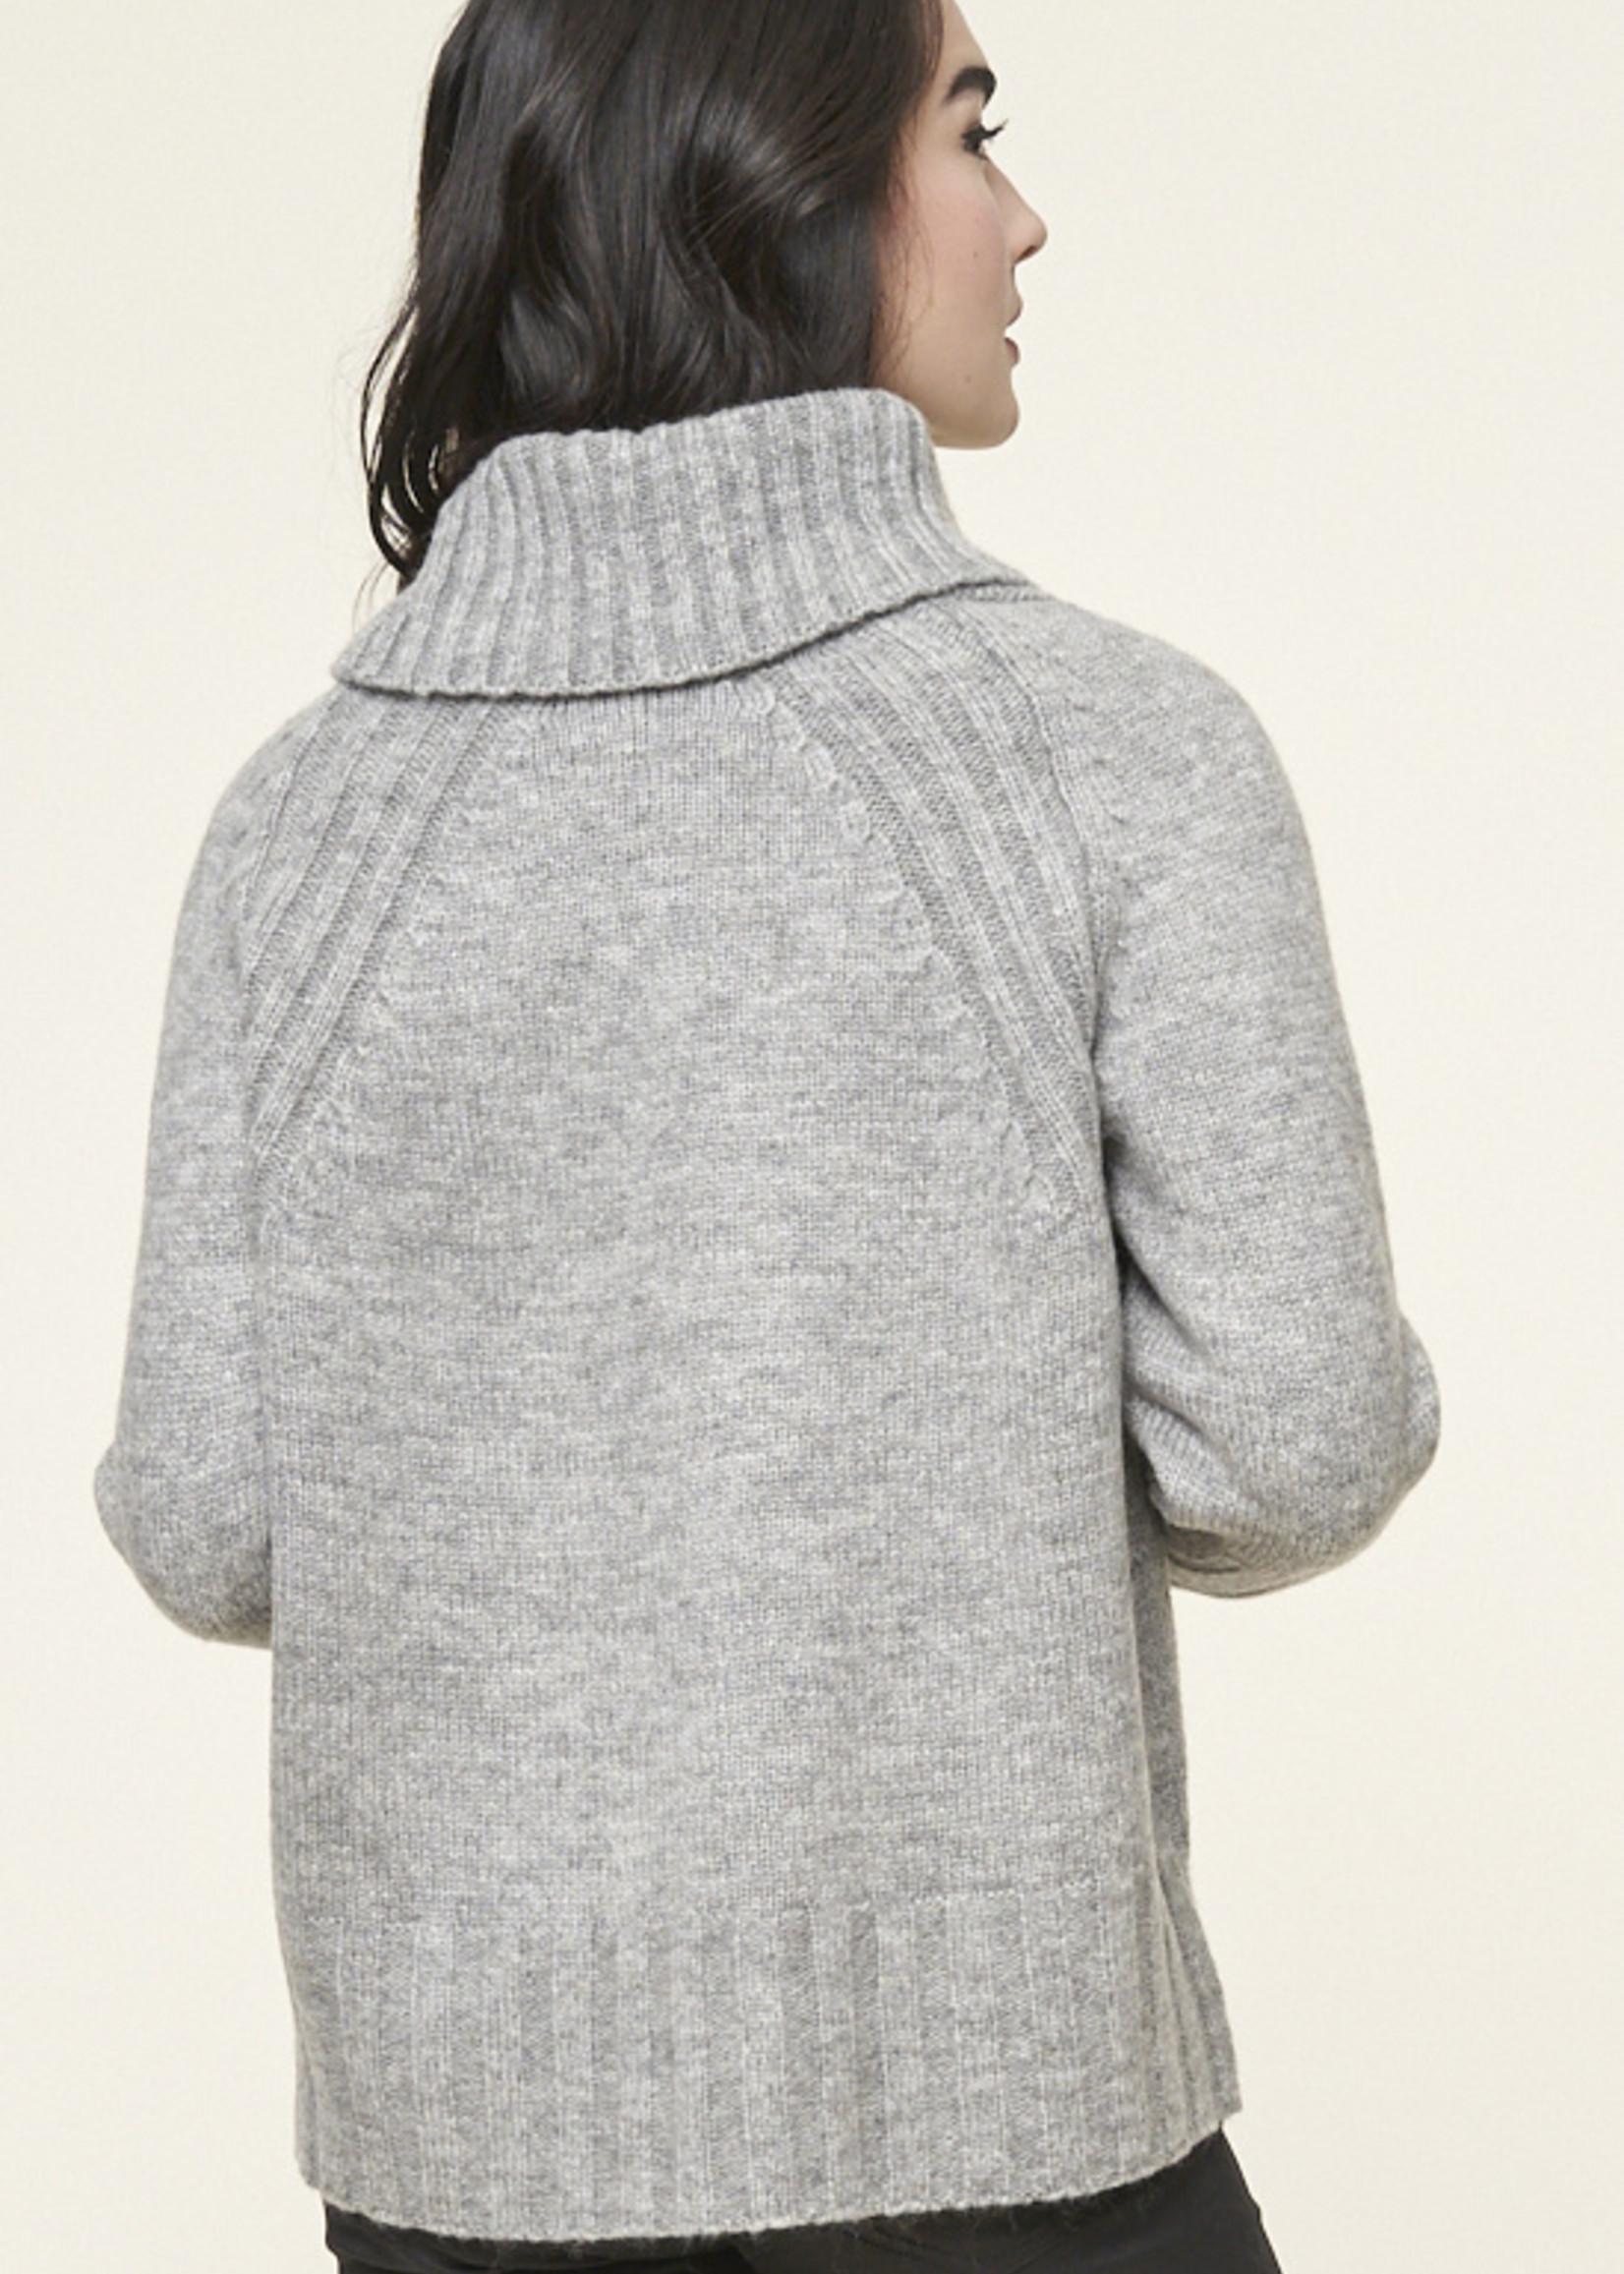 Parkhurst Parkhurst Ribbed Cowl Neck Sweater